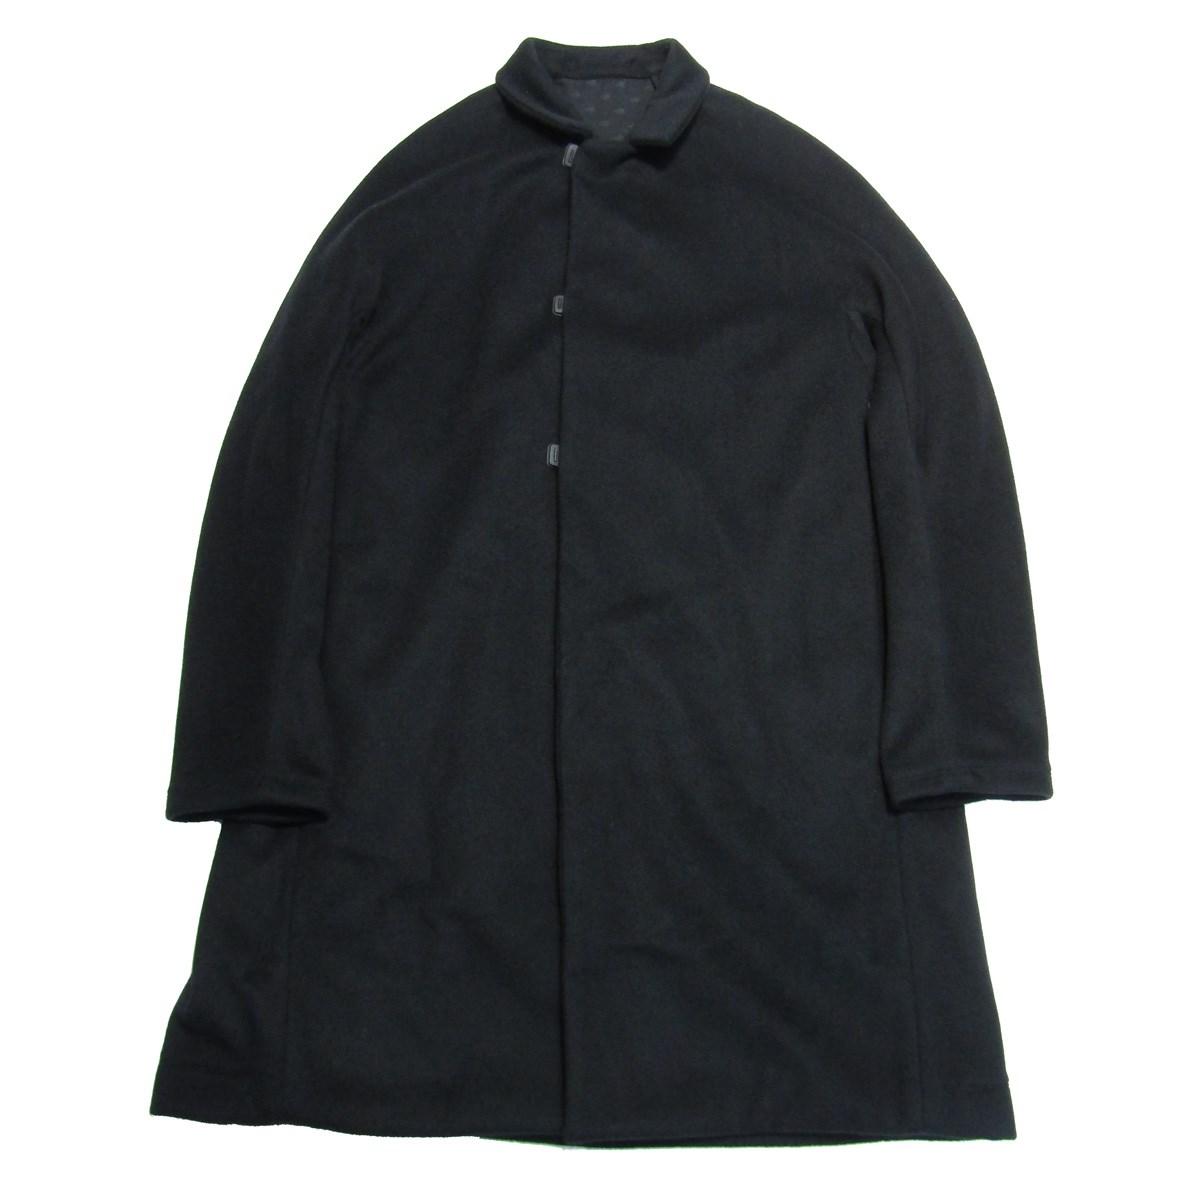 【中古】TEATORA2018AW Wallet Coat tt-101-00 トラベラーコート ブラック サイズ:3 【4月2日見直し】